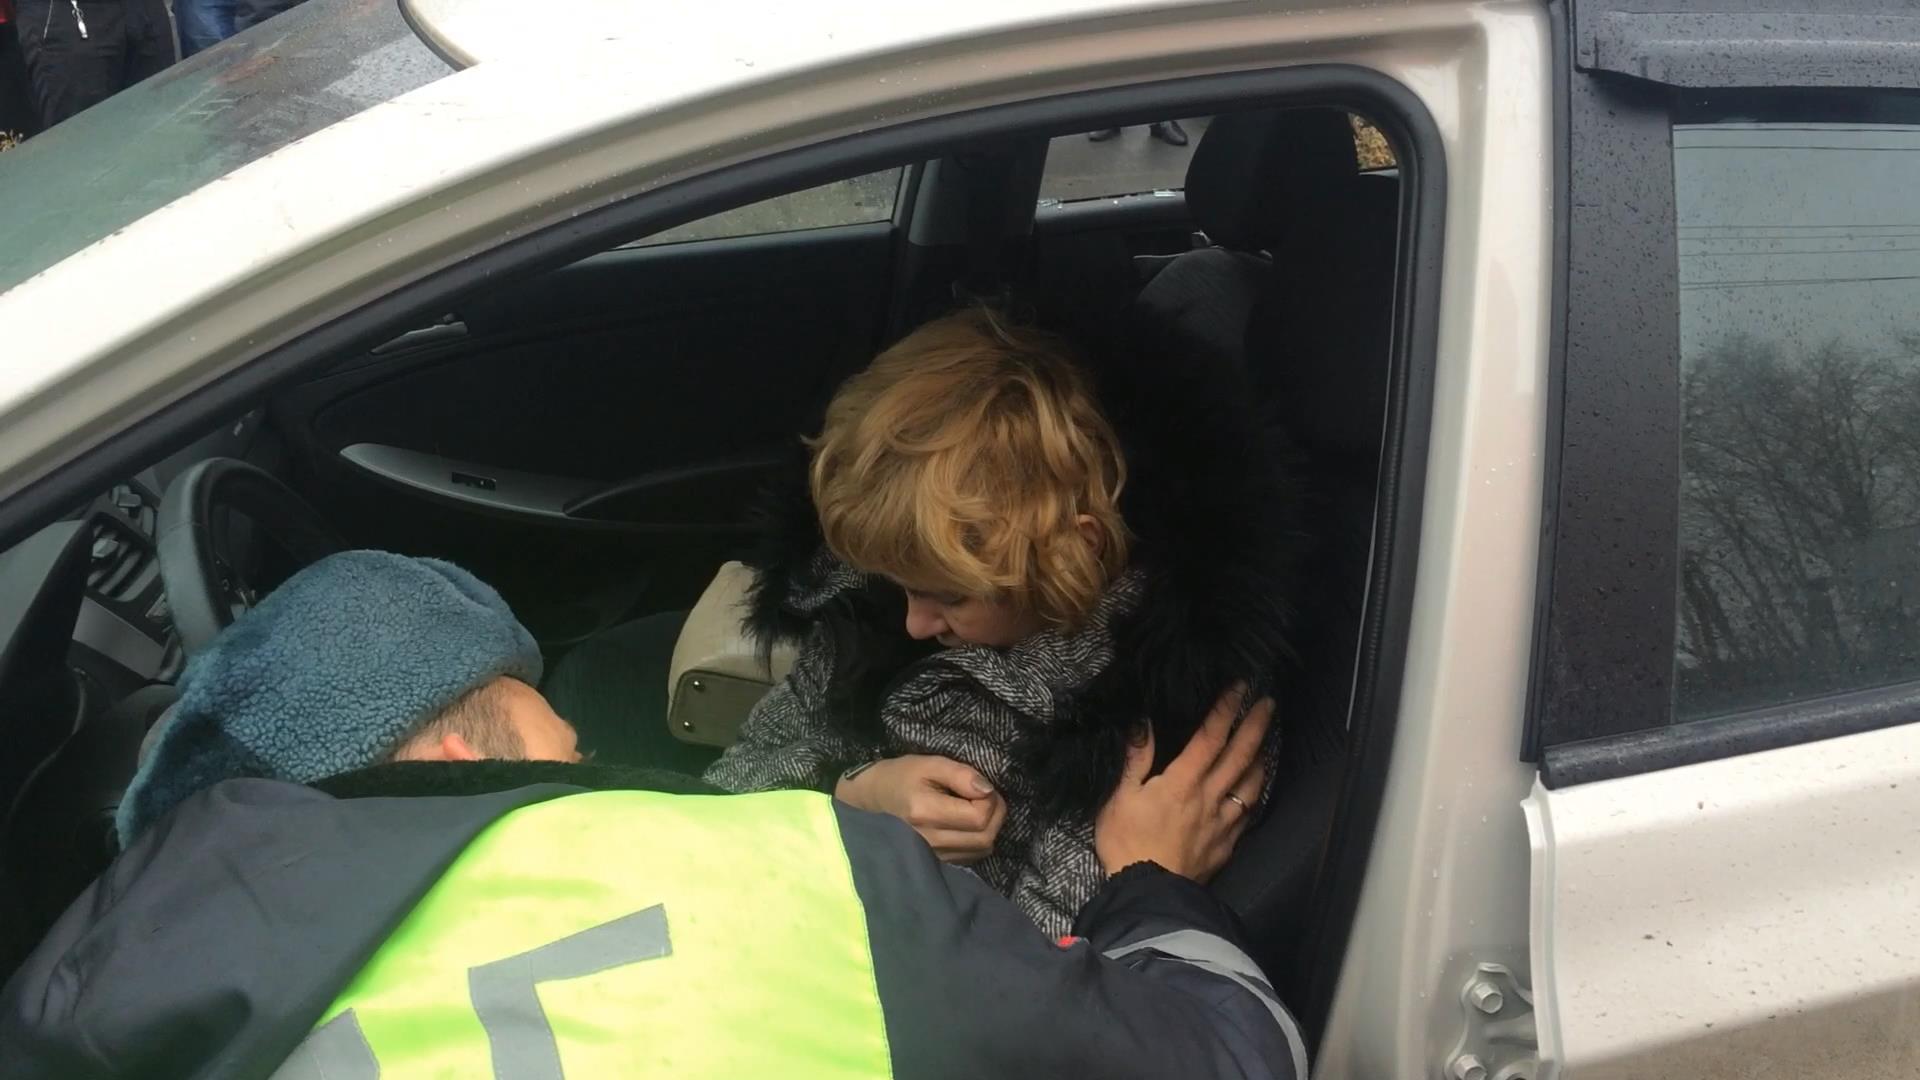 Хозяйка водитель секс, Накаченный водитель трахает свою хозяйку в машине 20 фотография